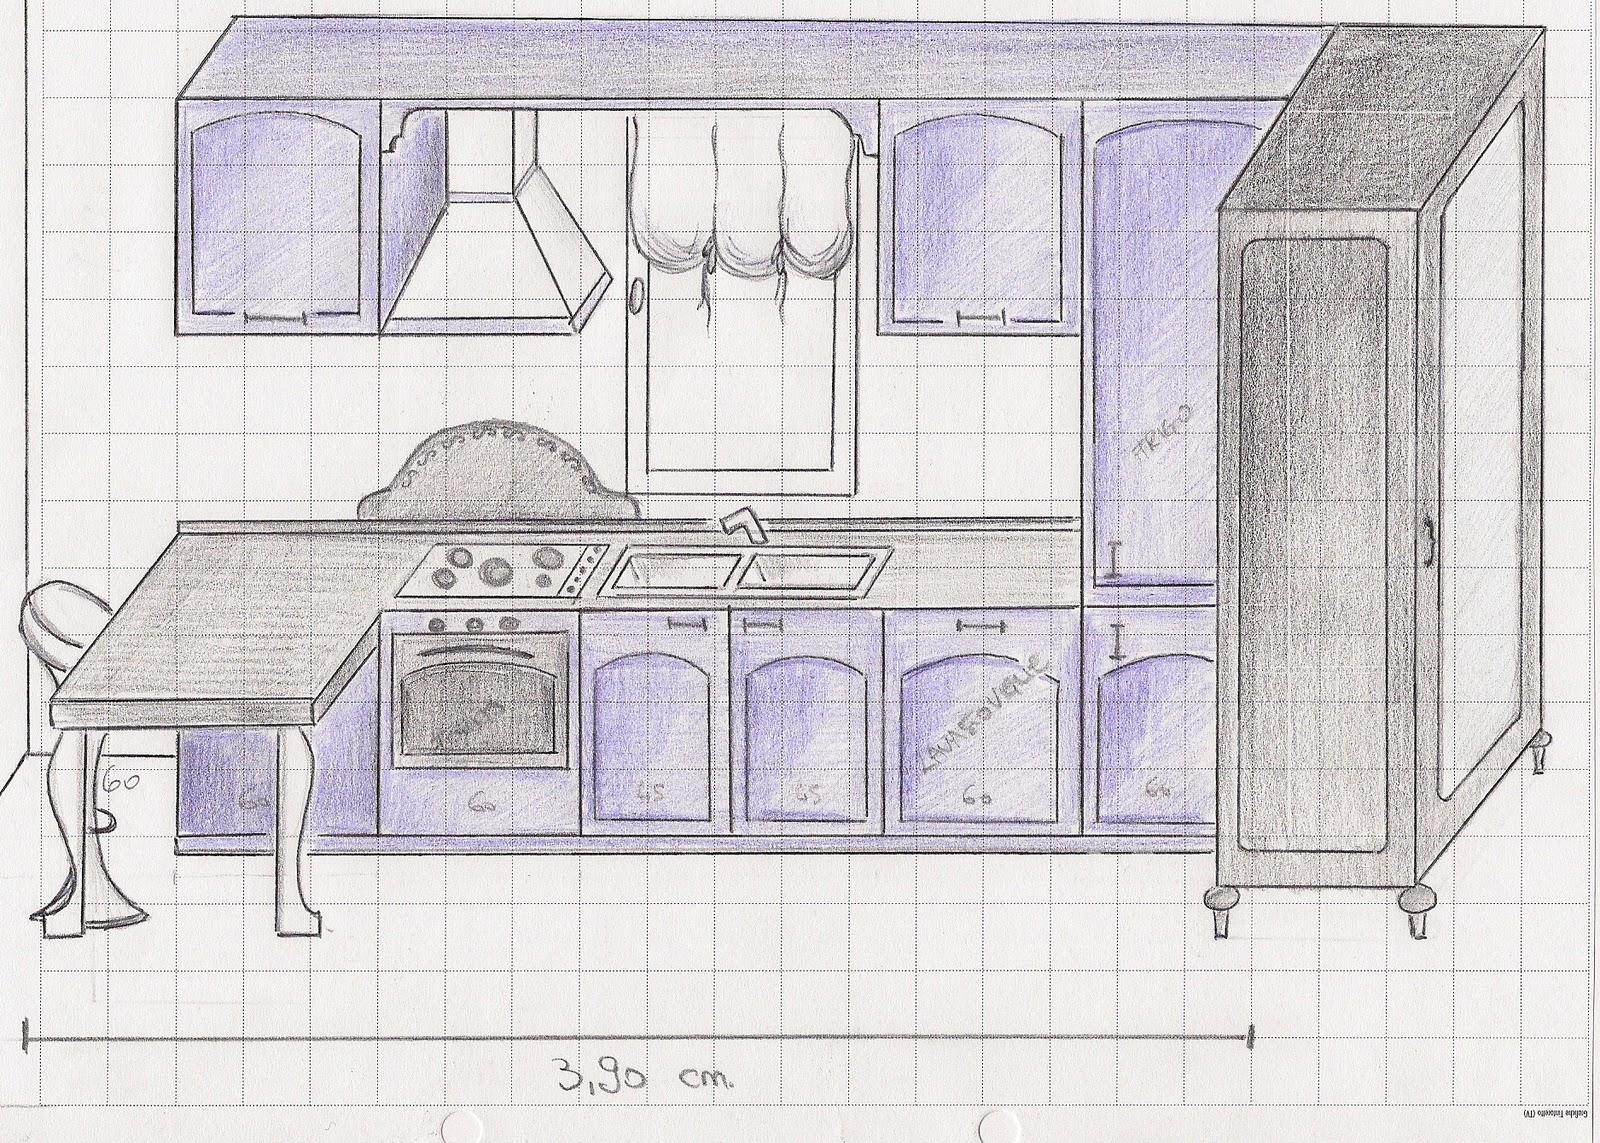 Disegnare la cucina cheap mano sar possibile realizzare - Programmi per disegnare una cucina gratis ...